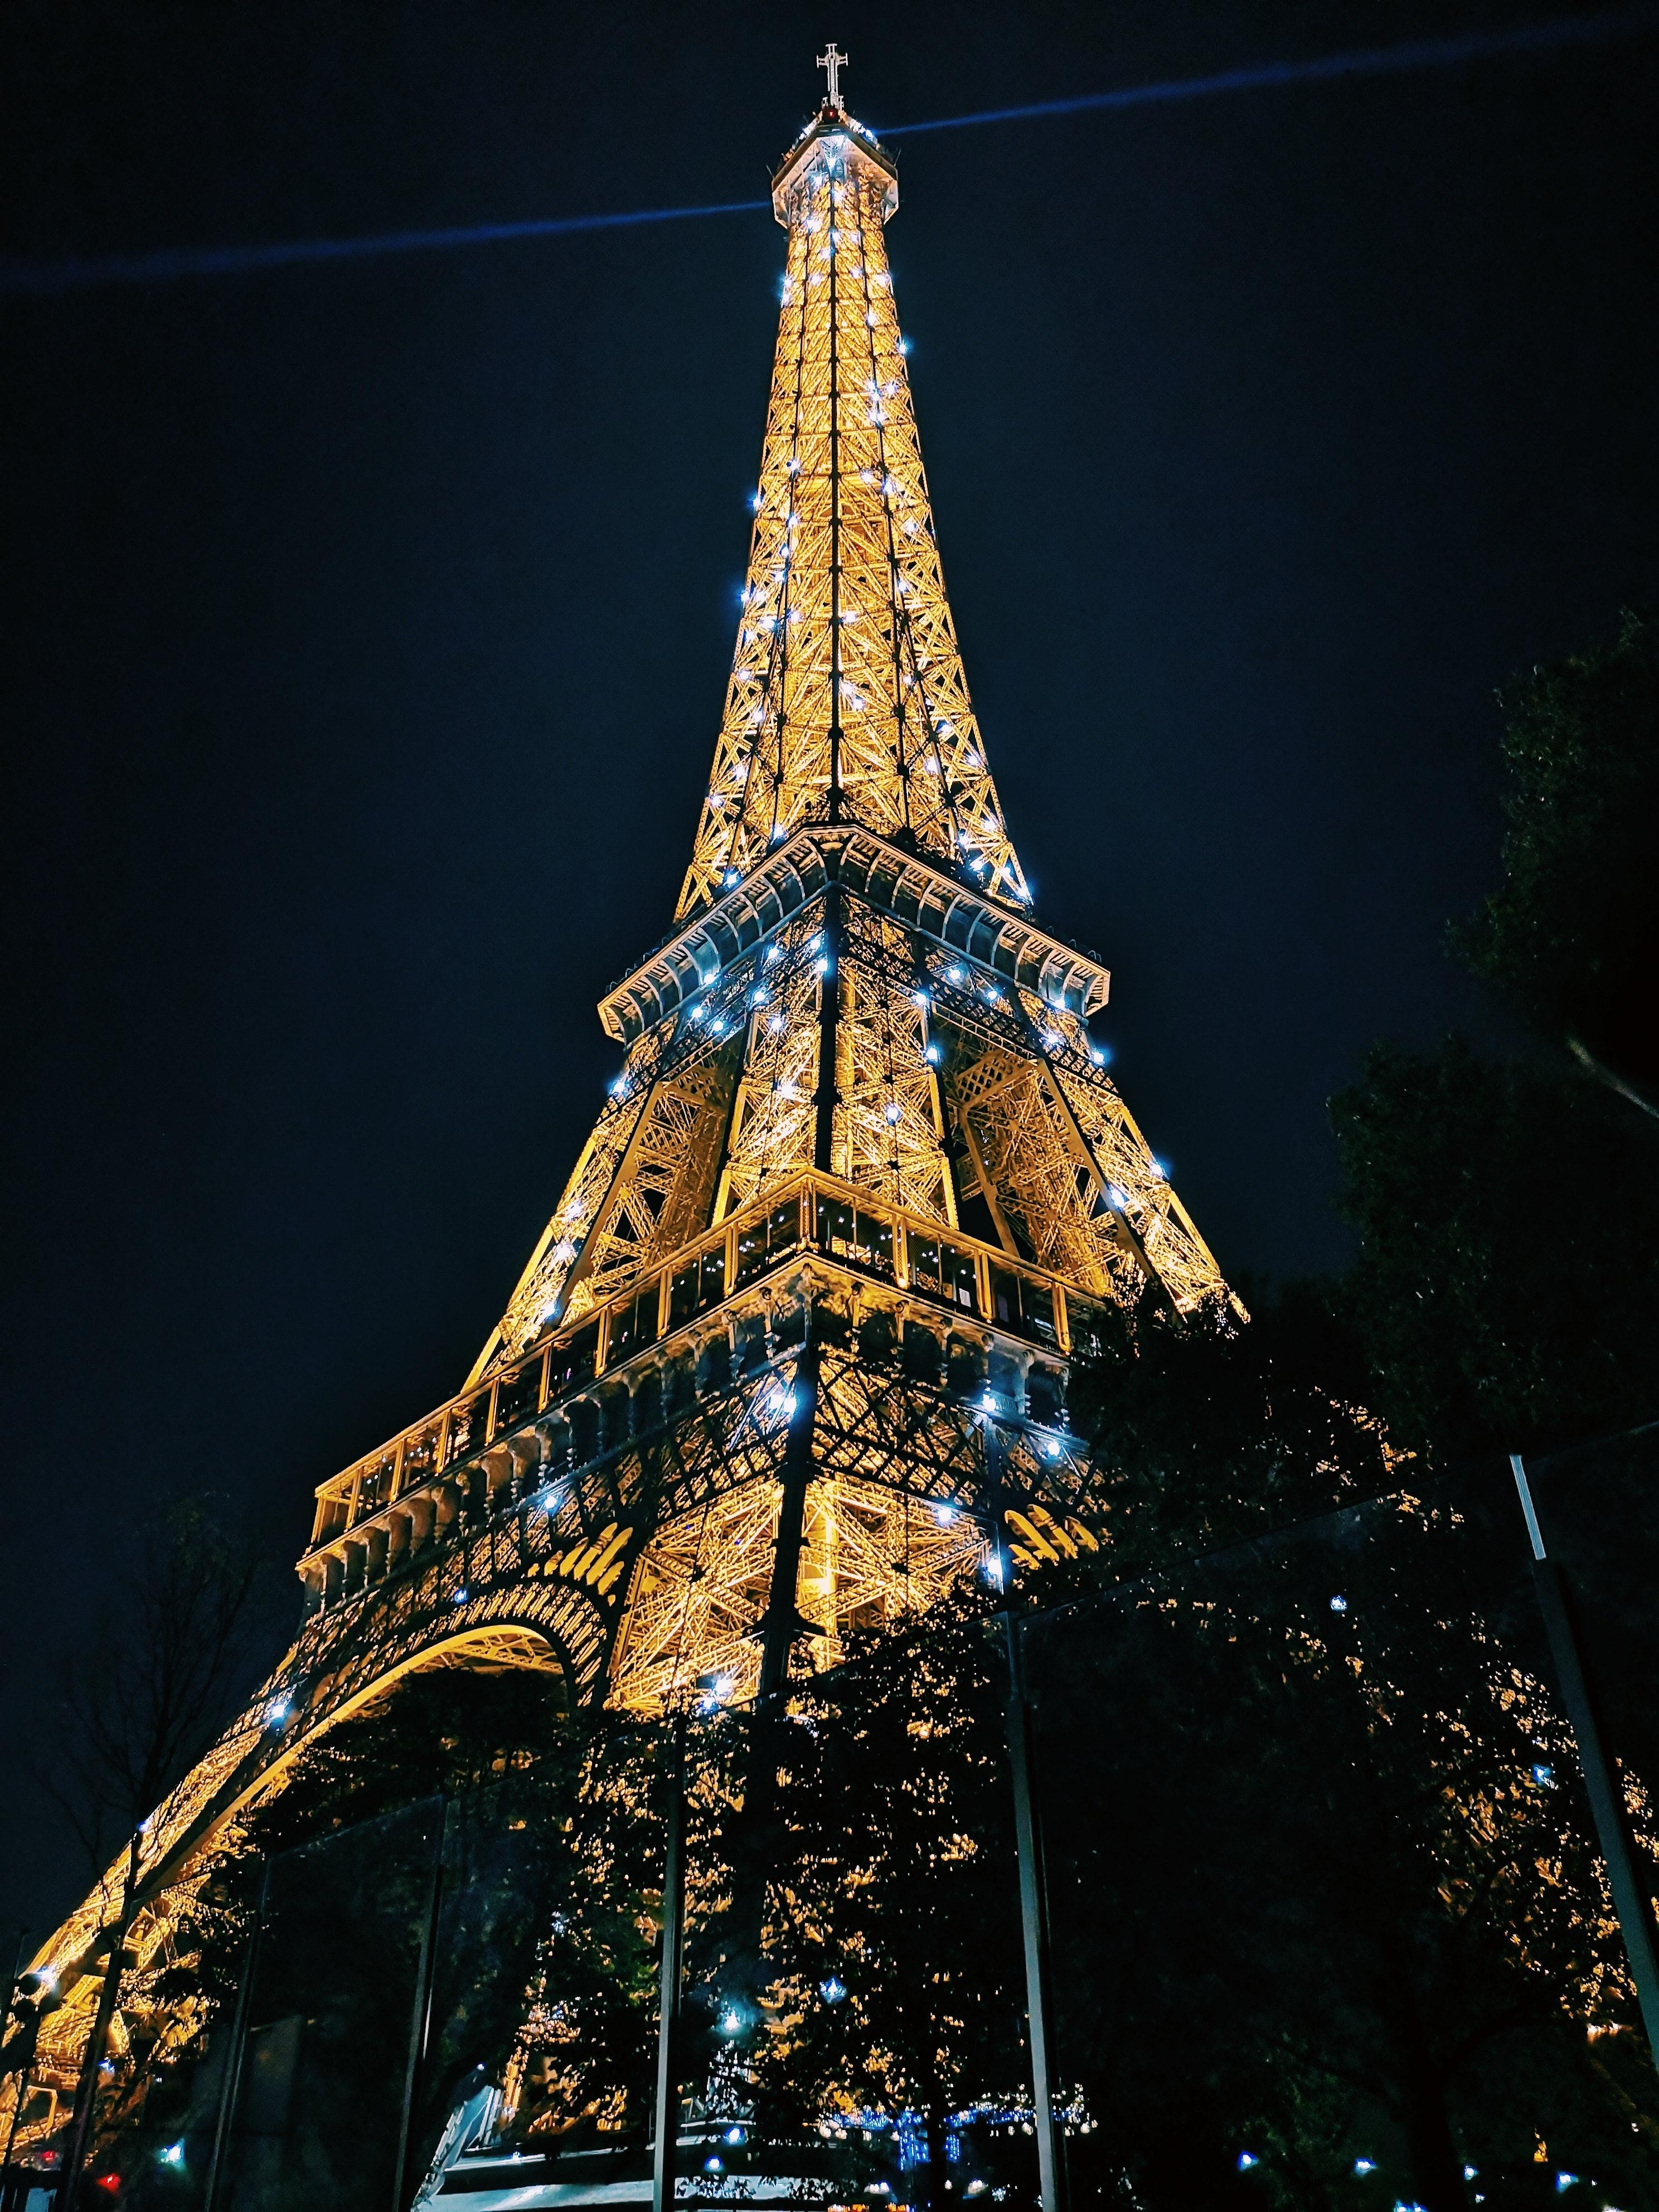 エッフェル塔 タワー パリの無料の写真素材